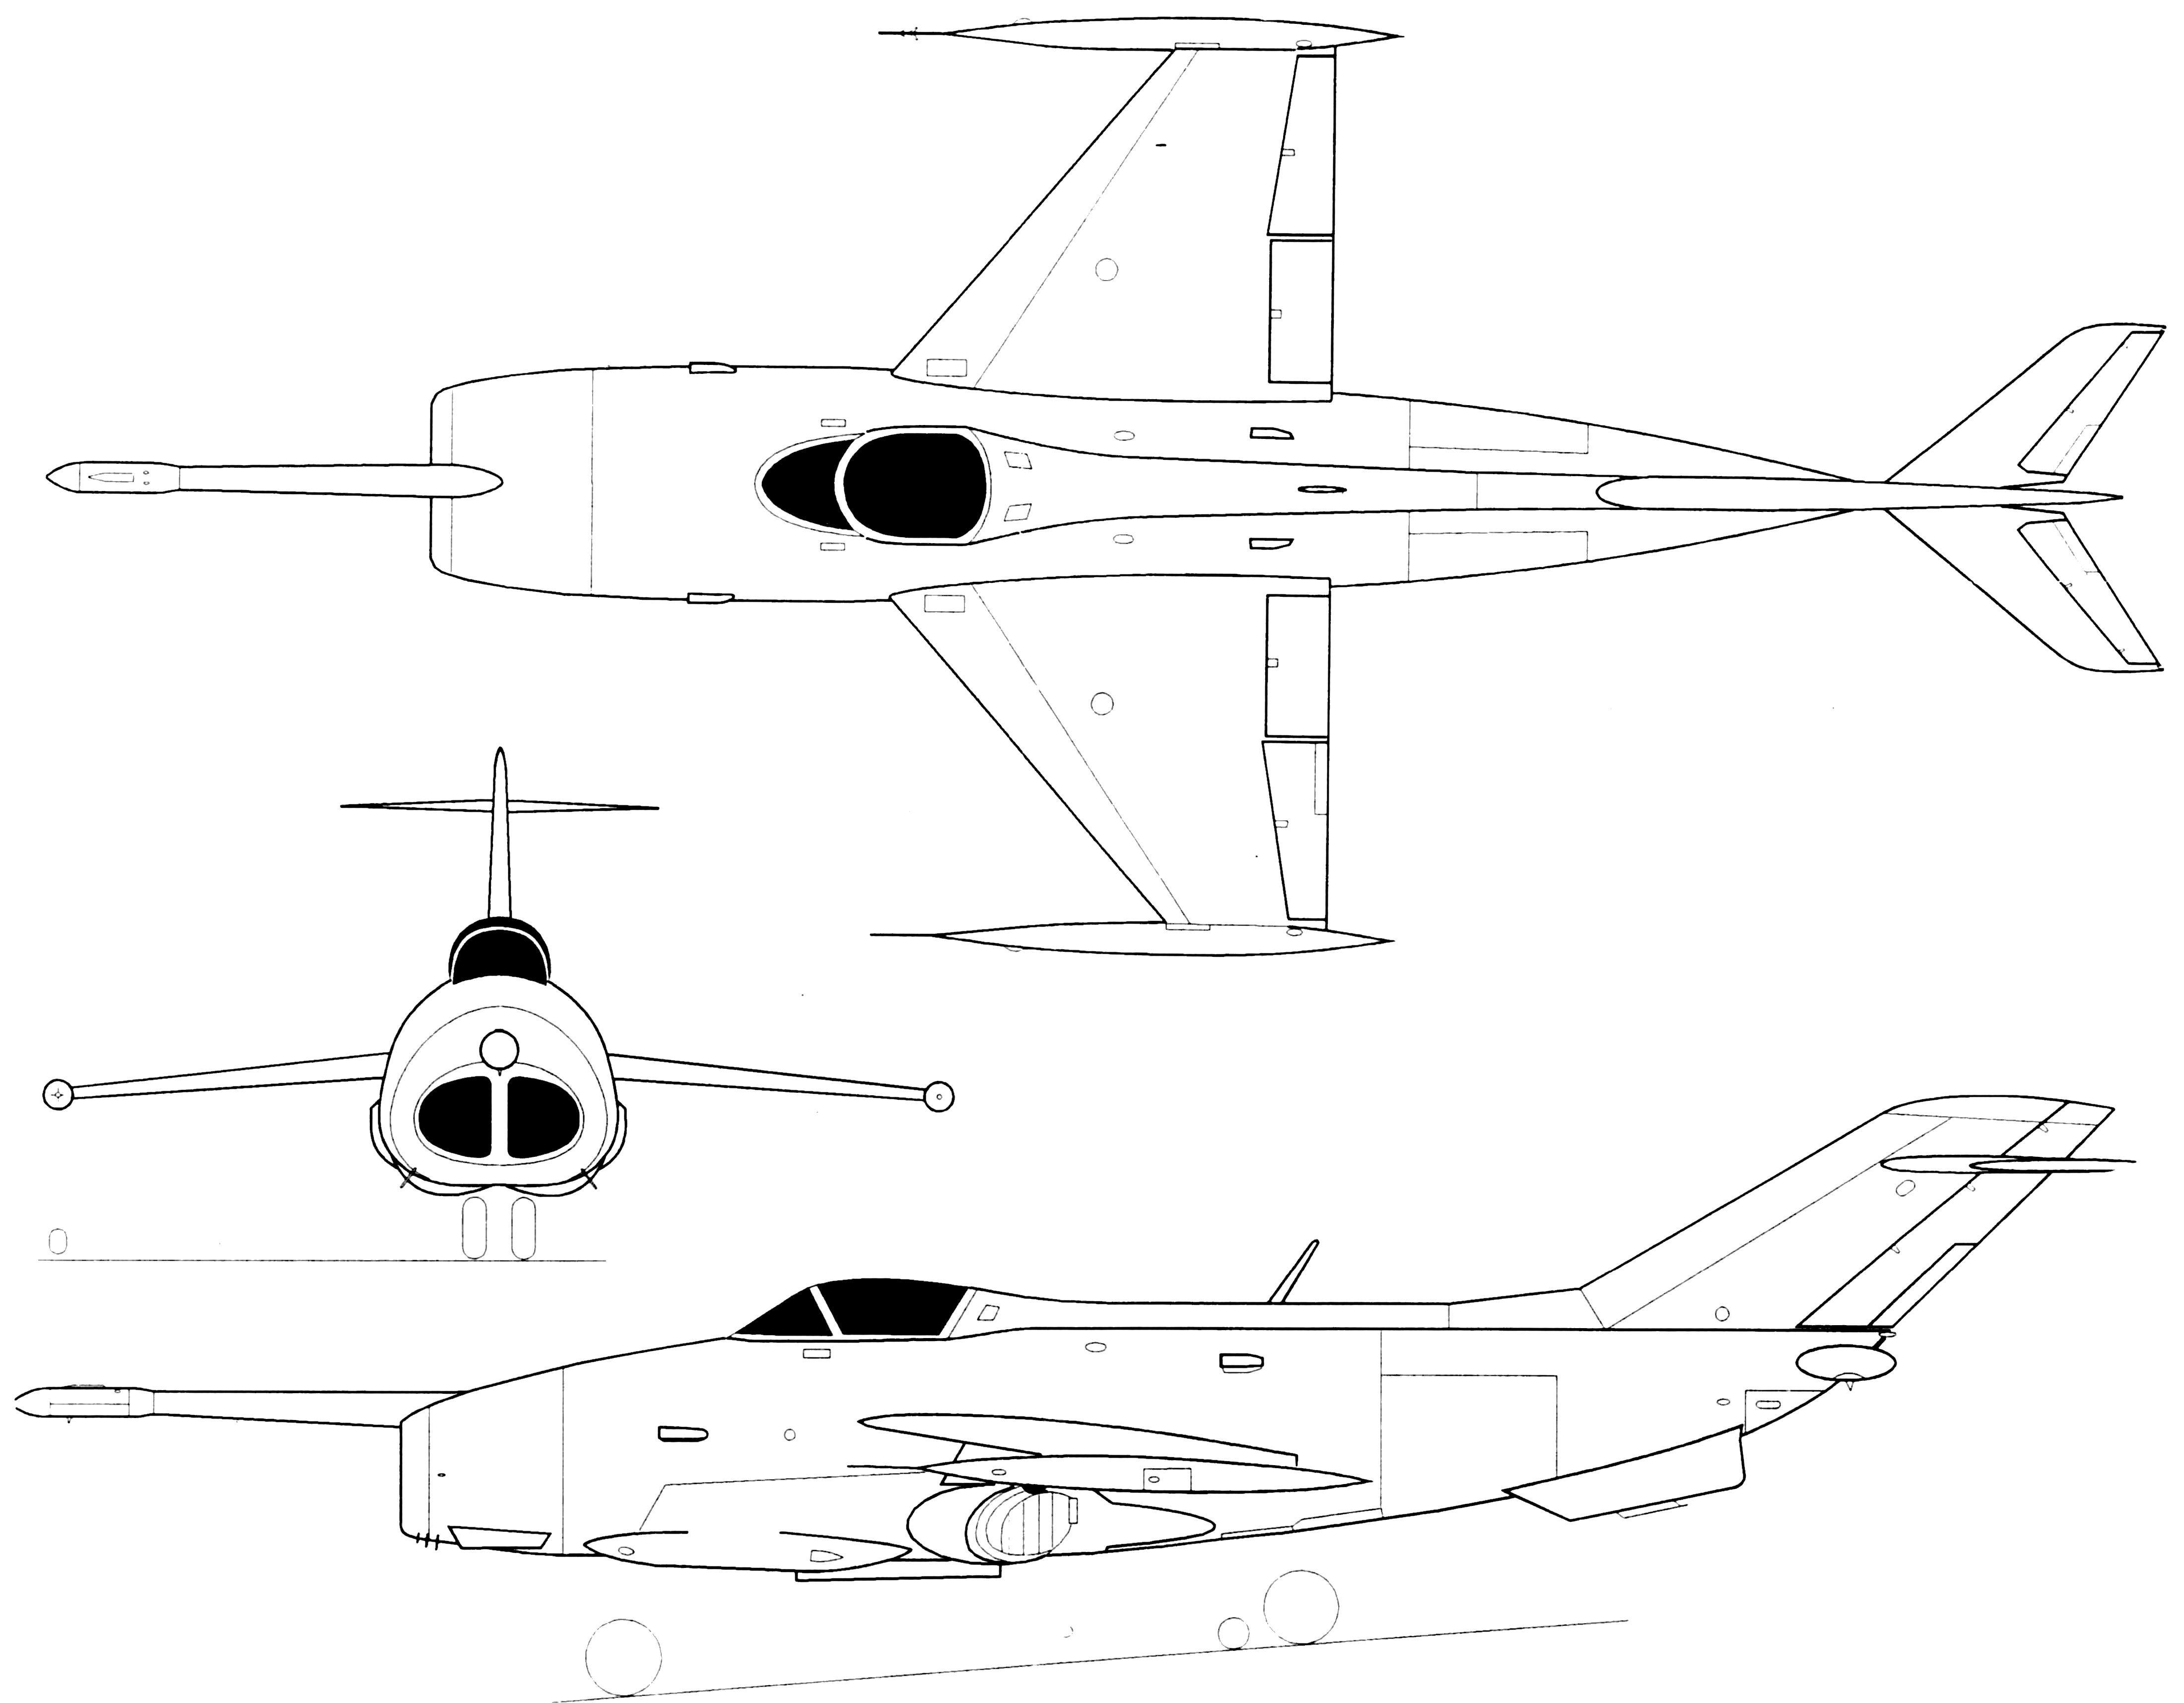 Yak-36 blueprint